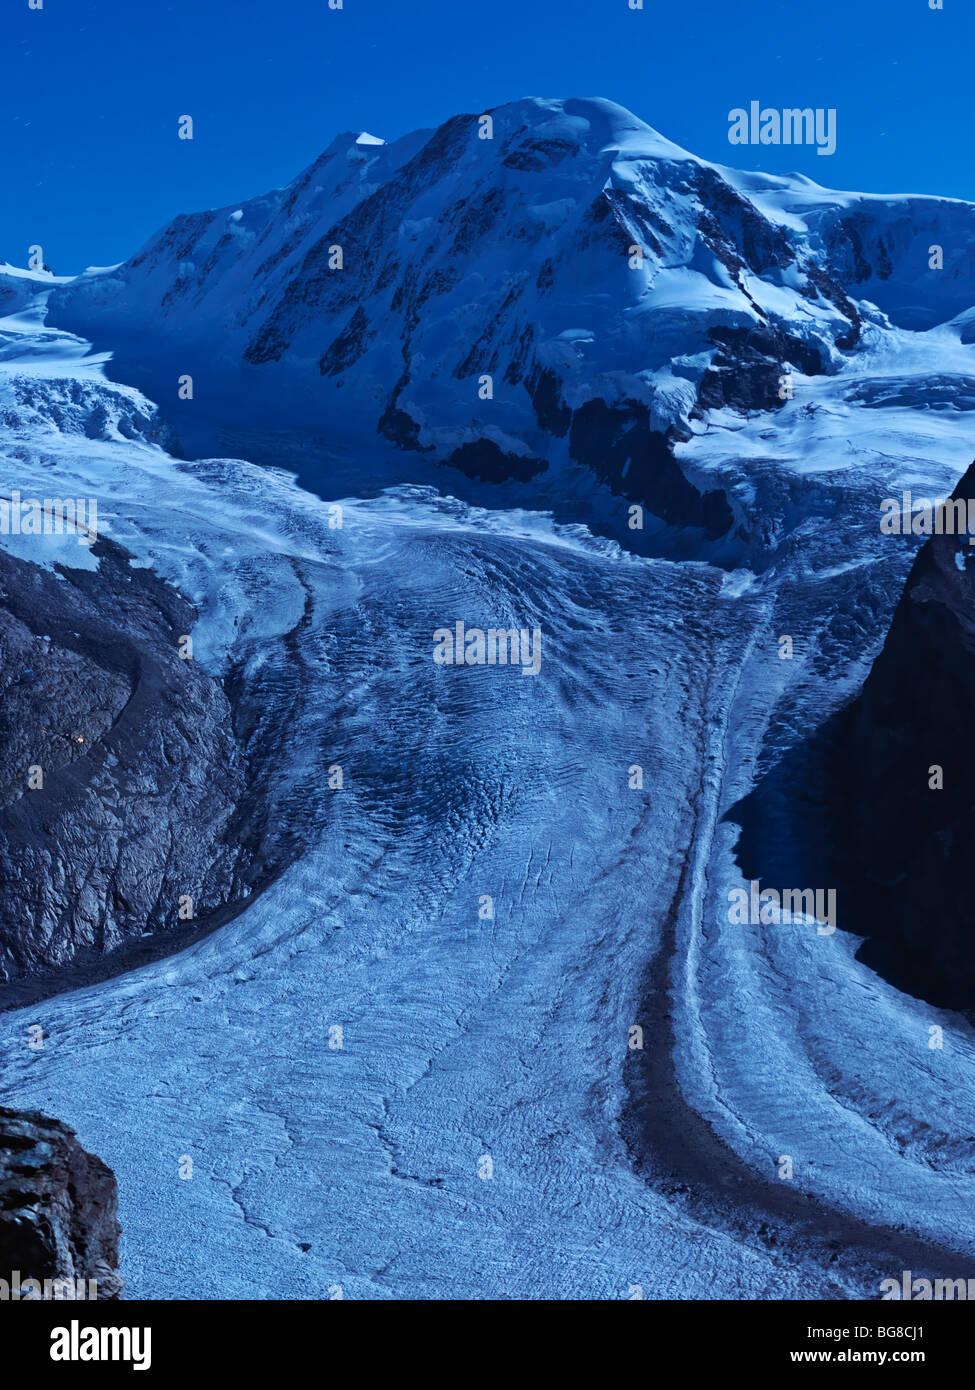 La Svizzera, Vallese, Zermatt, Gornergrat,il Monte Breithorn e il Ghiacciaio Gorner illuminato dalla luce lunare Immagini Stock